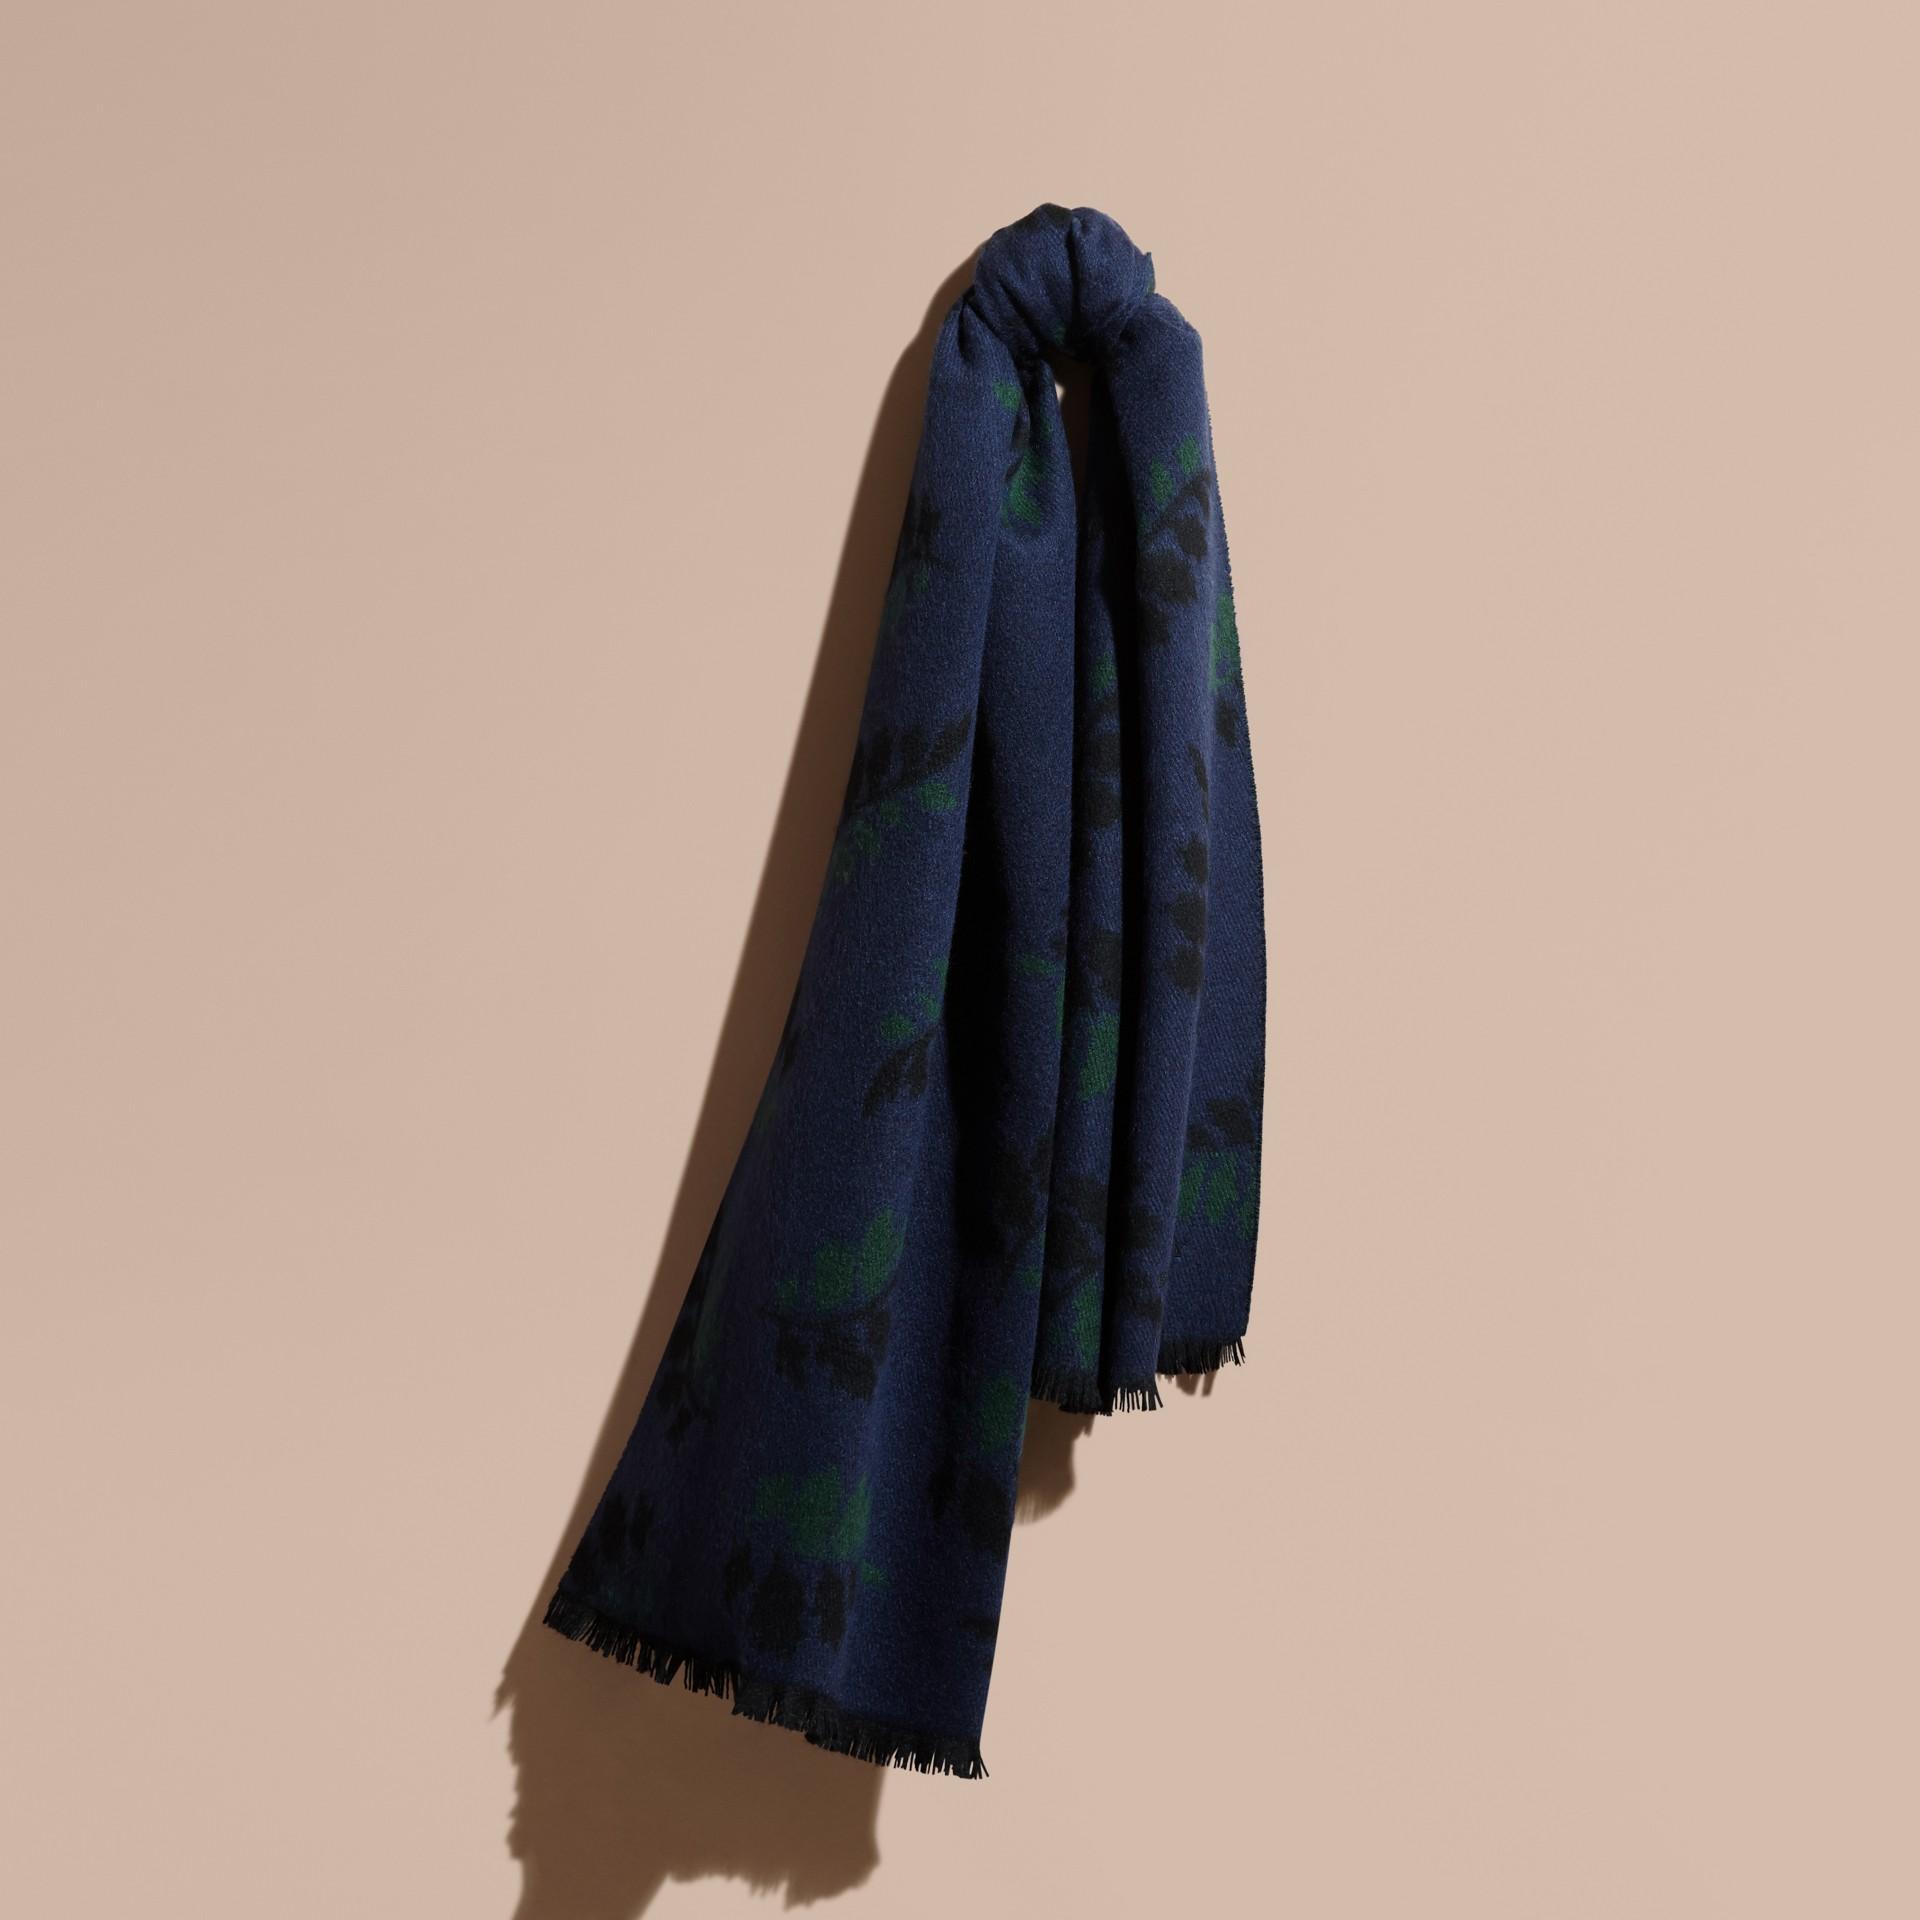 Marine Écharpe en cachemire à motif feuillage tissé en jacquard Marine - photo de la galerie 1